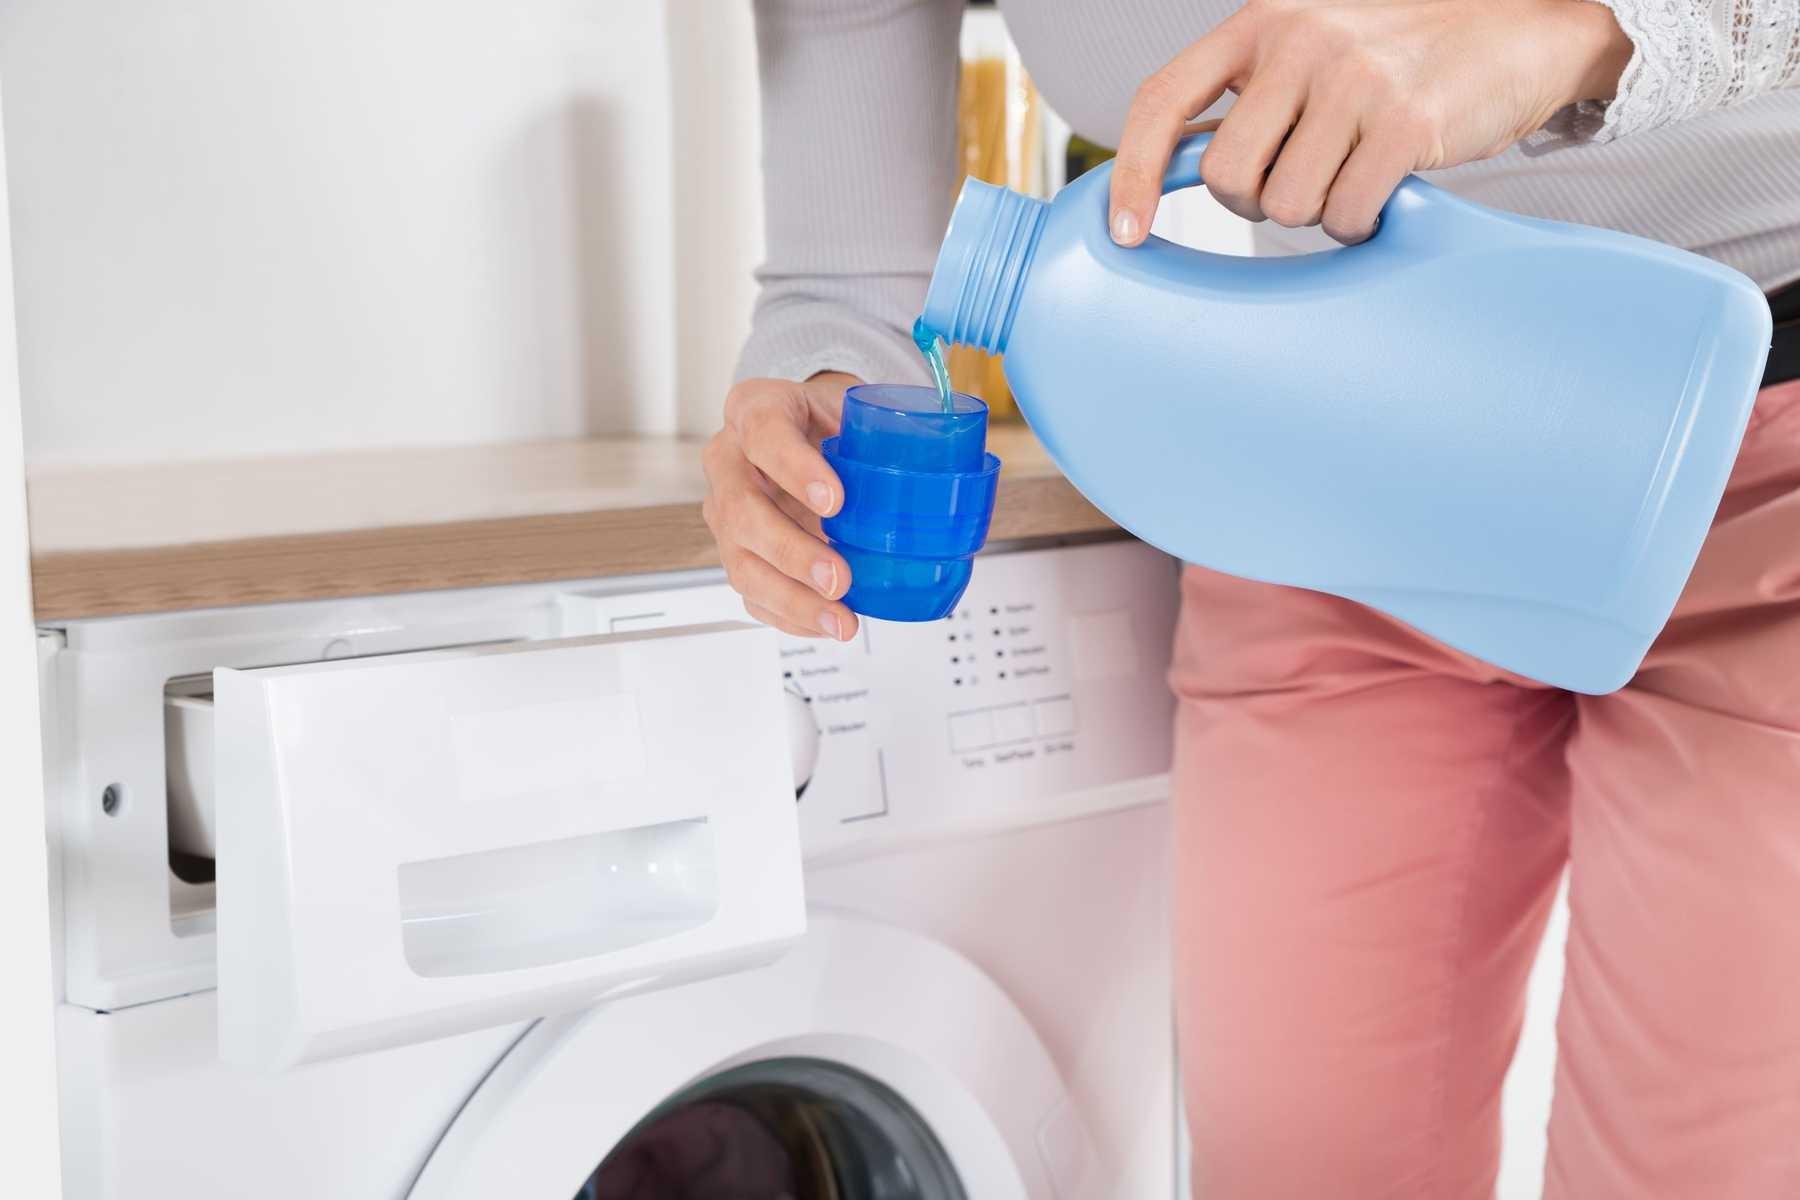 Cách dùng nước xả vải đúng cách, an toàn cho da và tiết kiệm thời gian